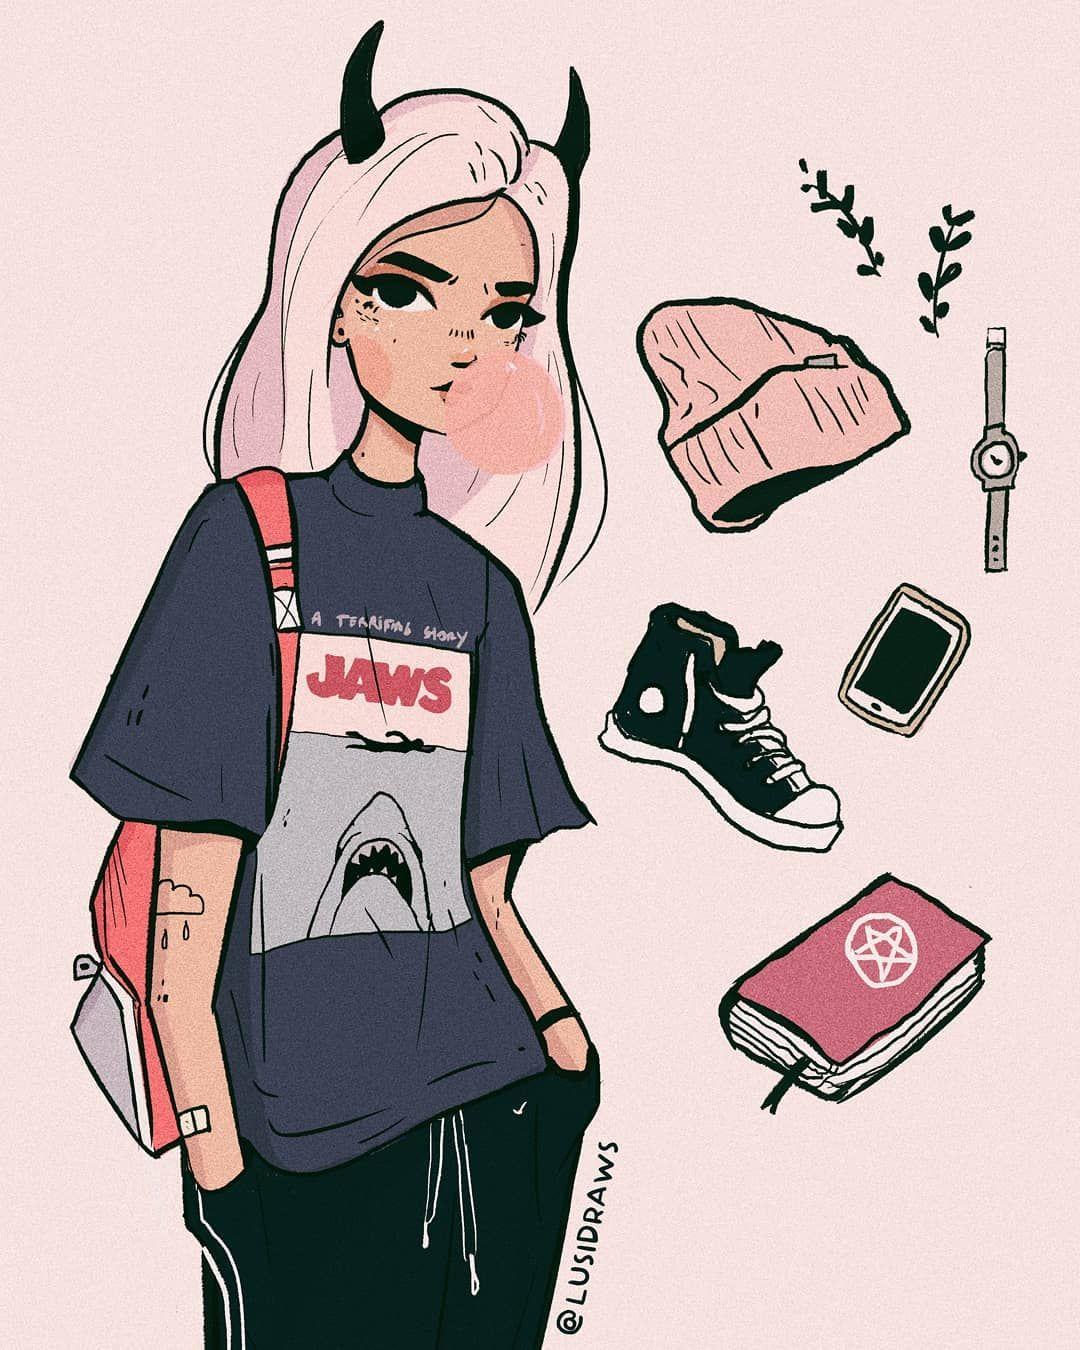 Pin By Yuulyn Yoo On Art In 2020 Cartoon Art Styles Cute Art Styles Character Art